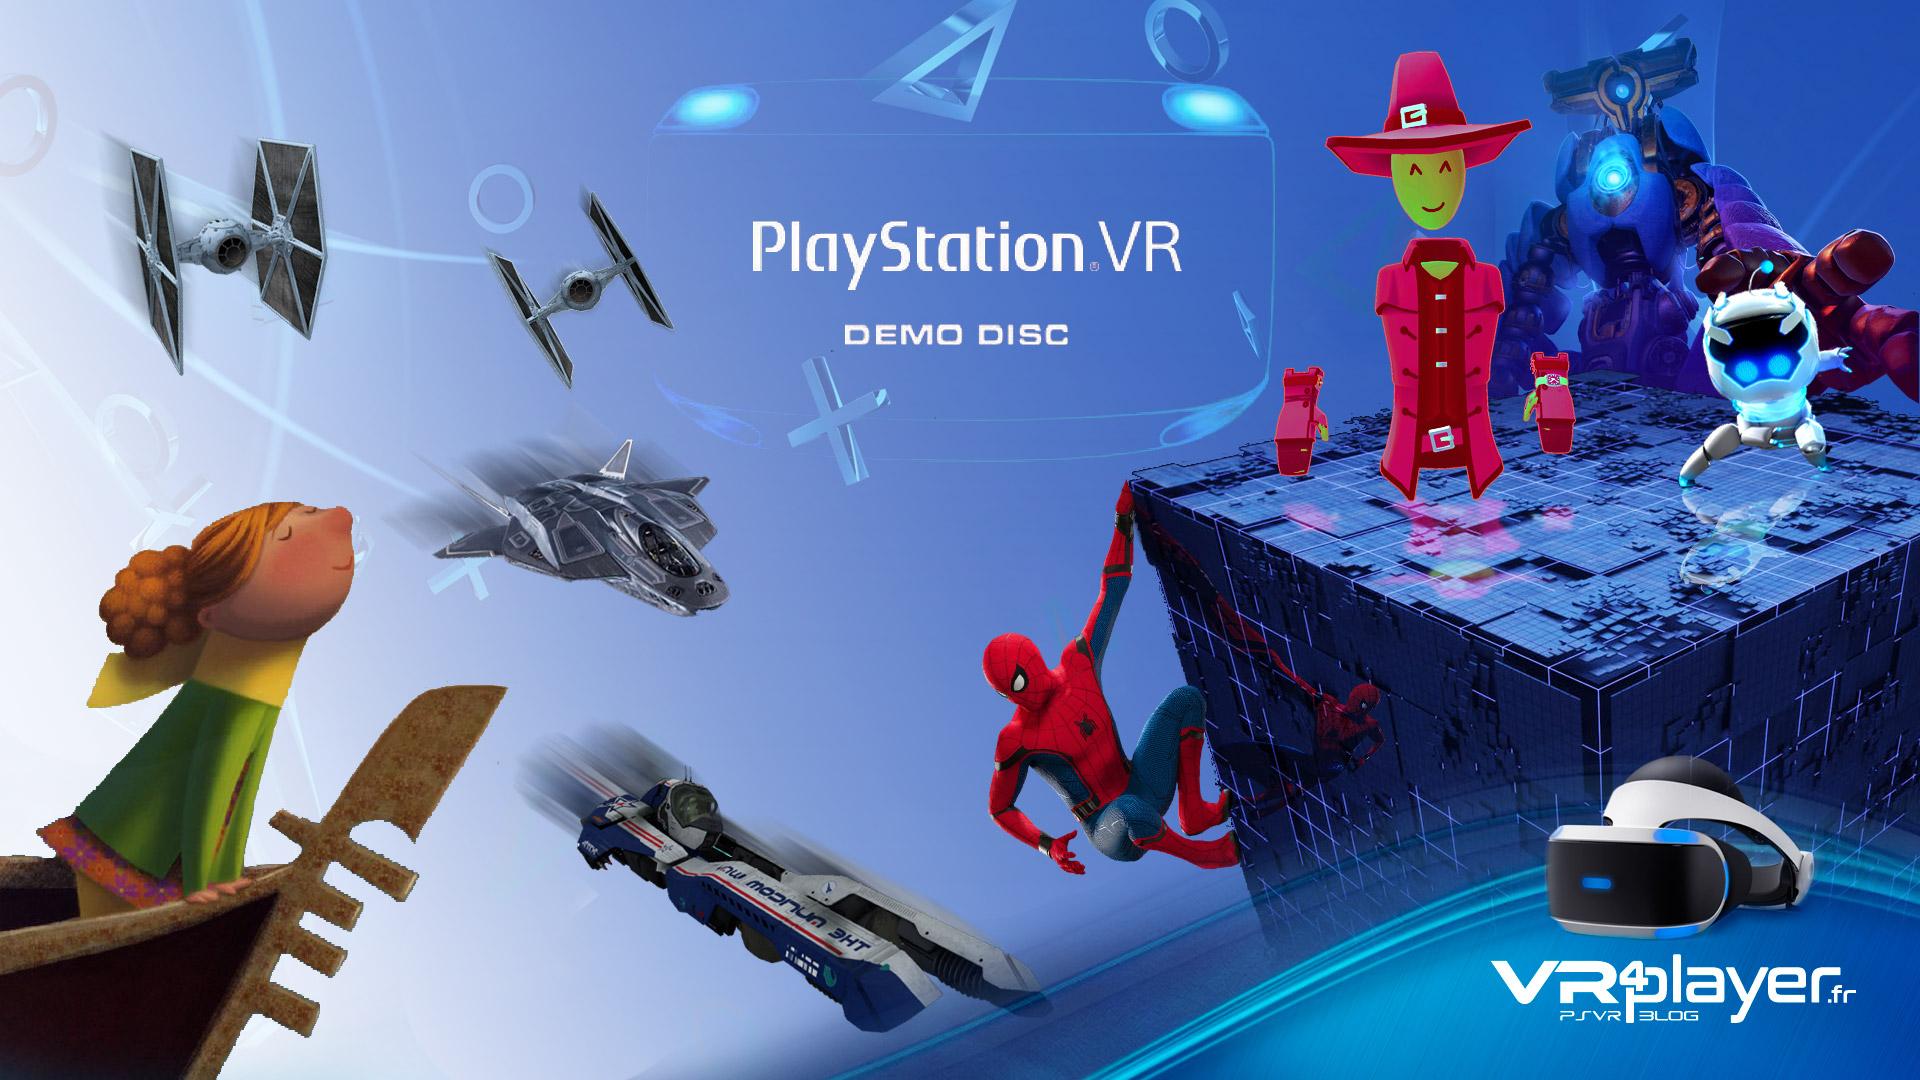 Les jeux gratuits du PSVR VR4player